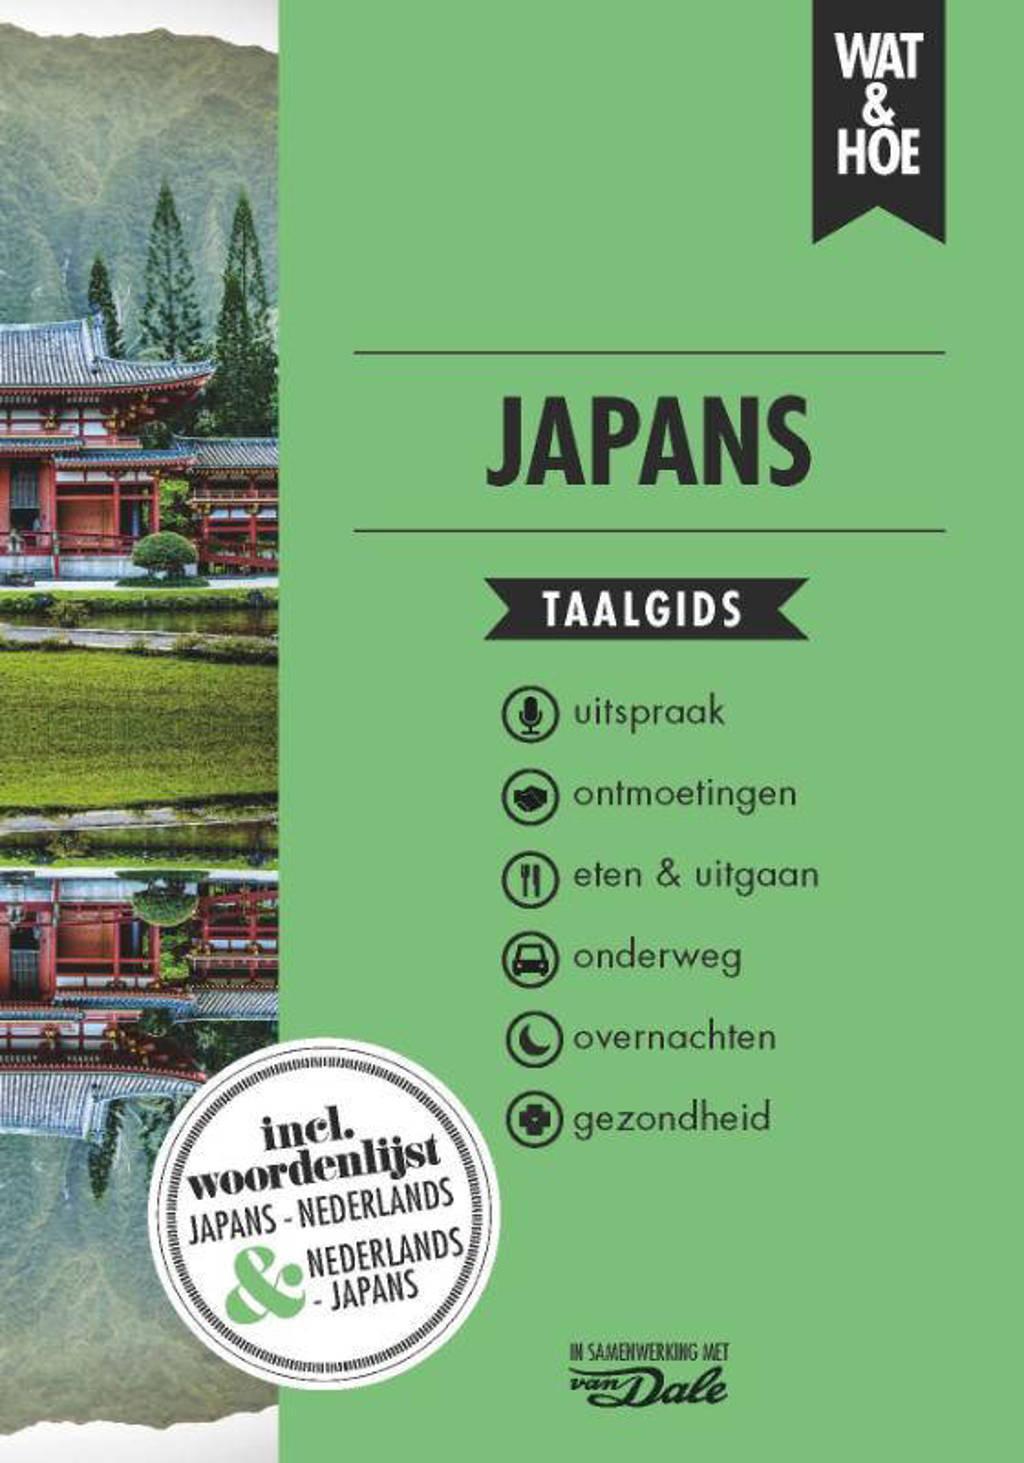 Wat & Hoe taalgids: Japans - Wat & Hoe taalgids